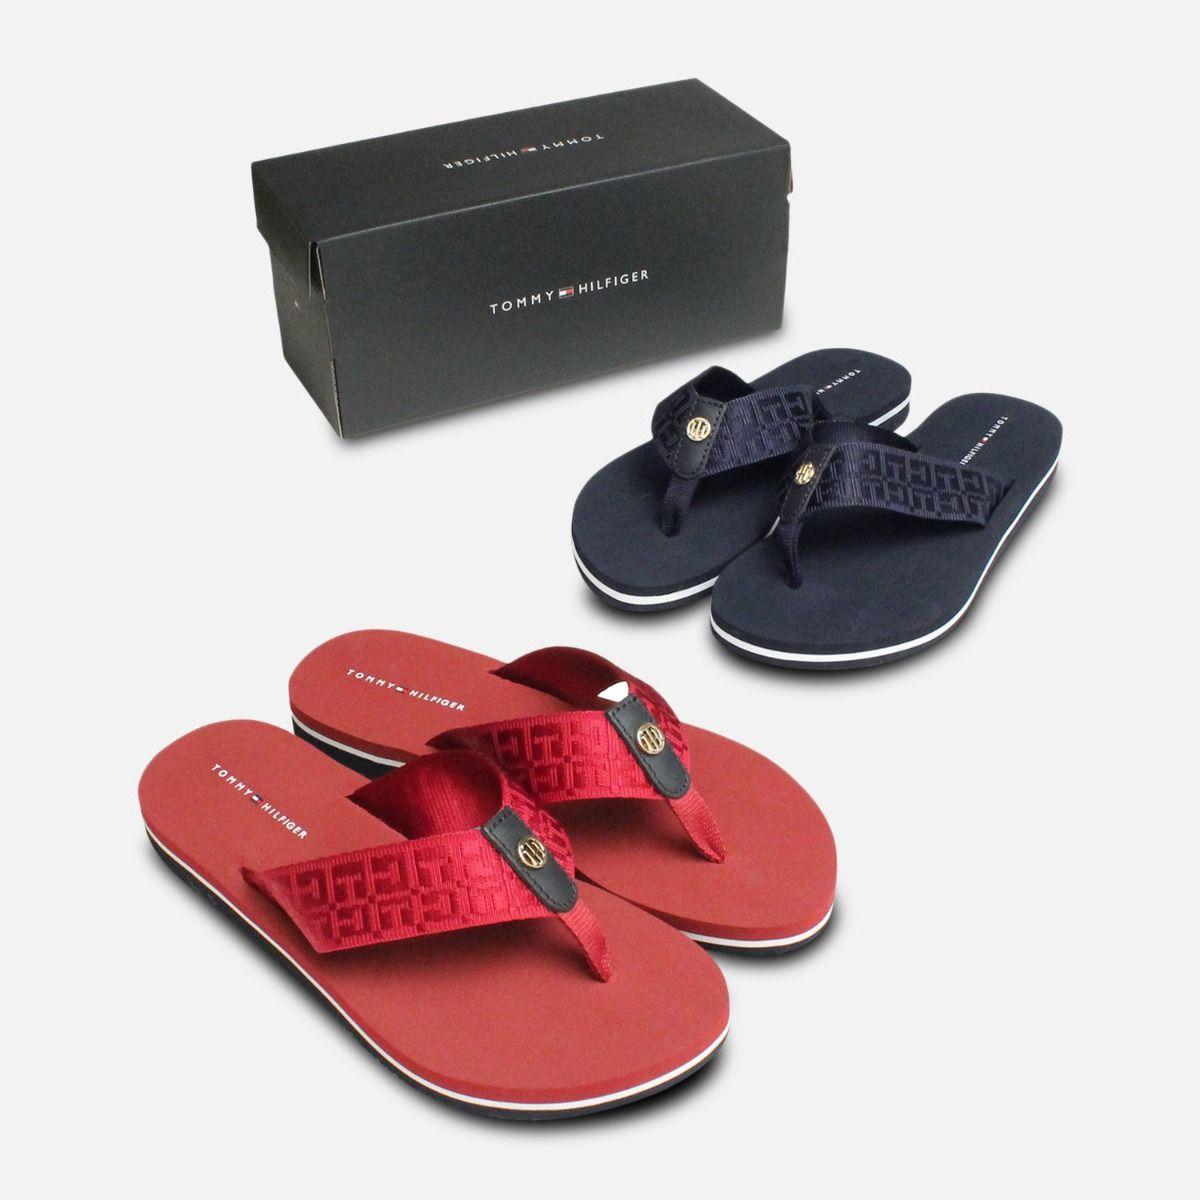 Tommy Hilfiger Burgundy Red Mellie Flip Flop Sandals